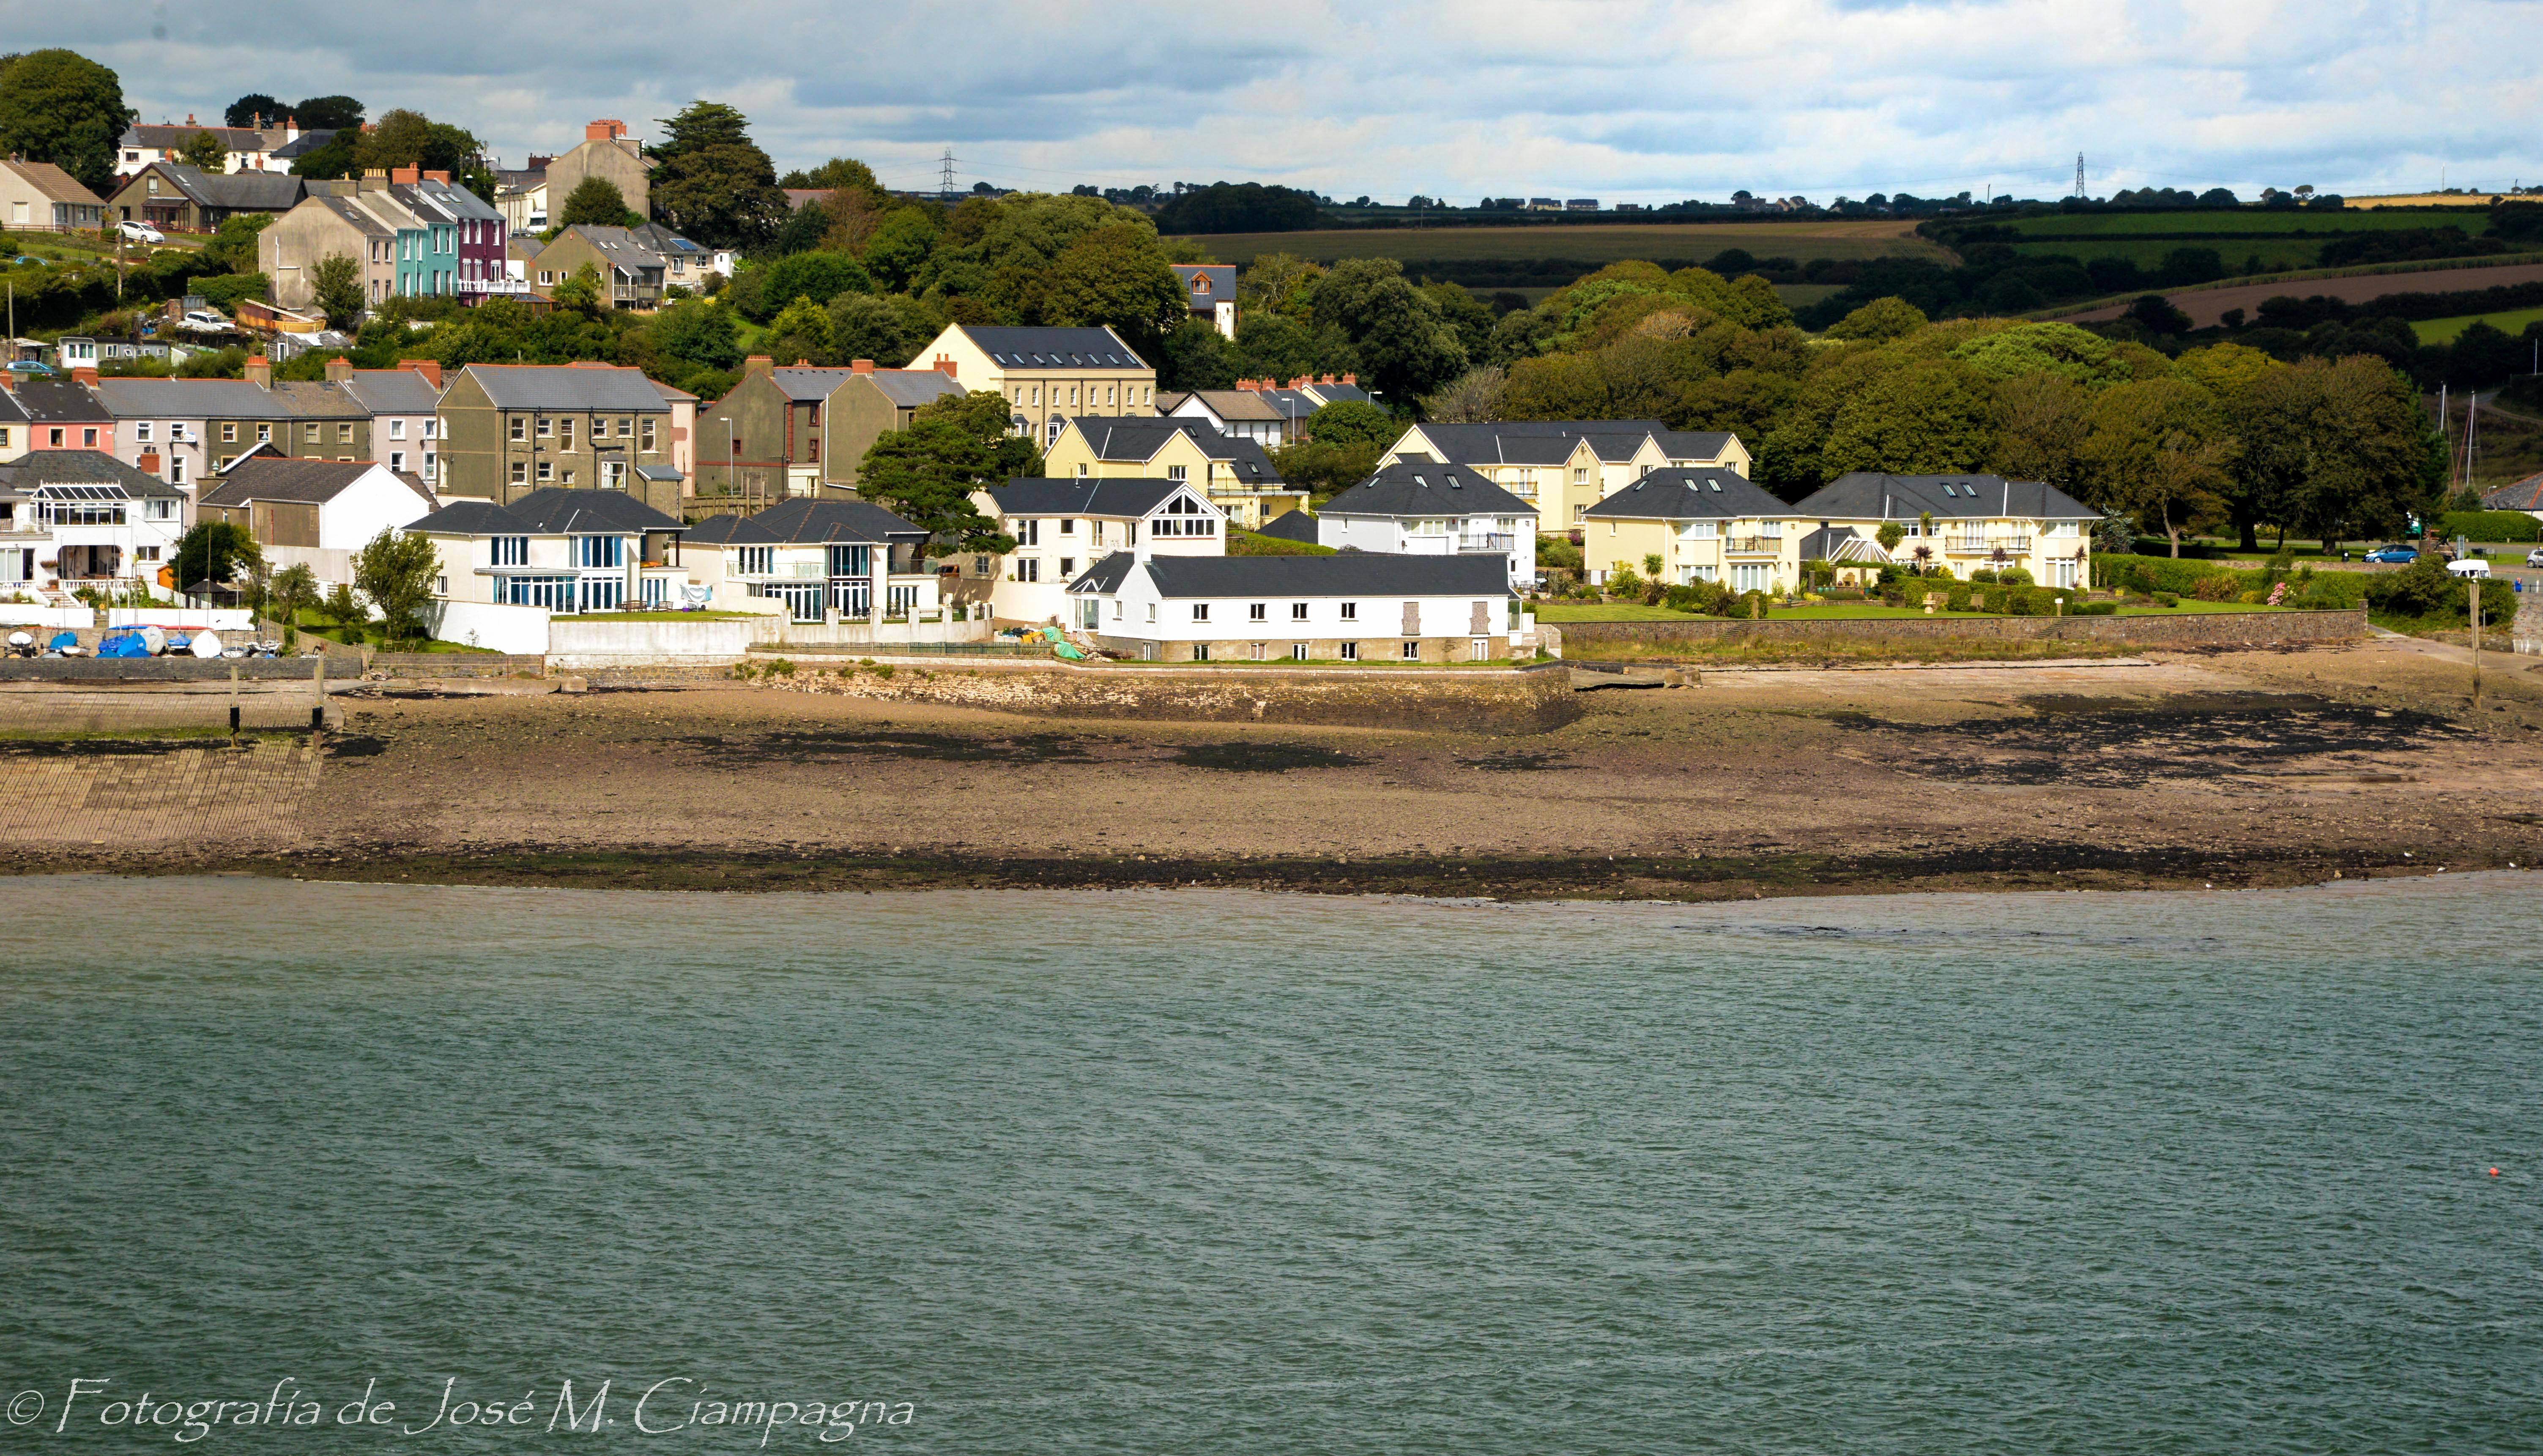 Casas blancas en la costa